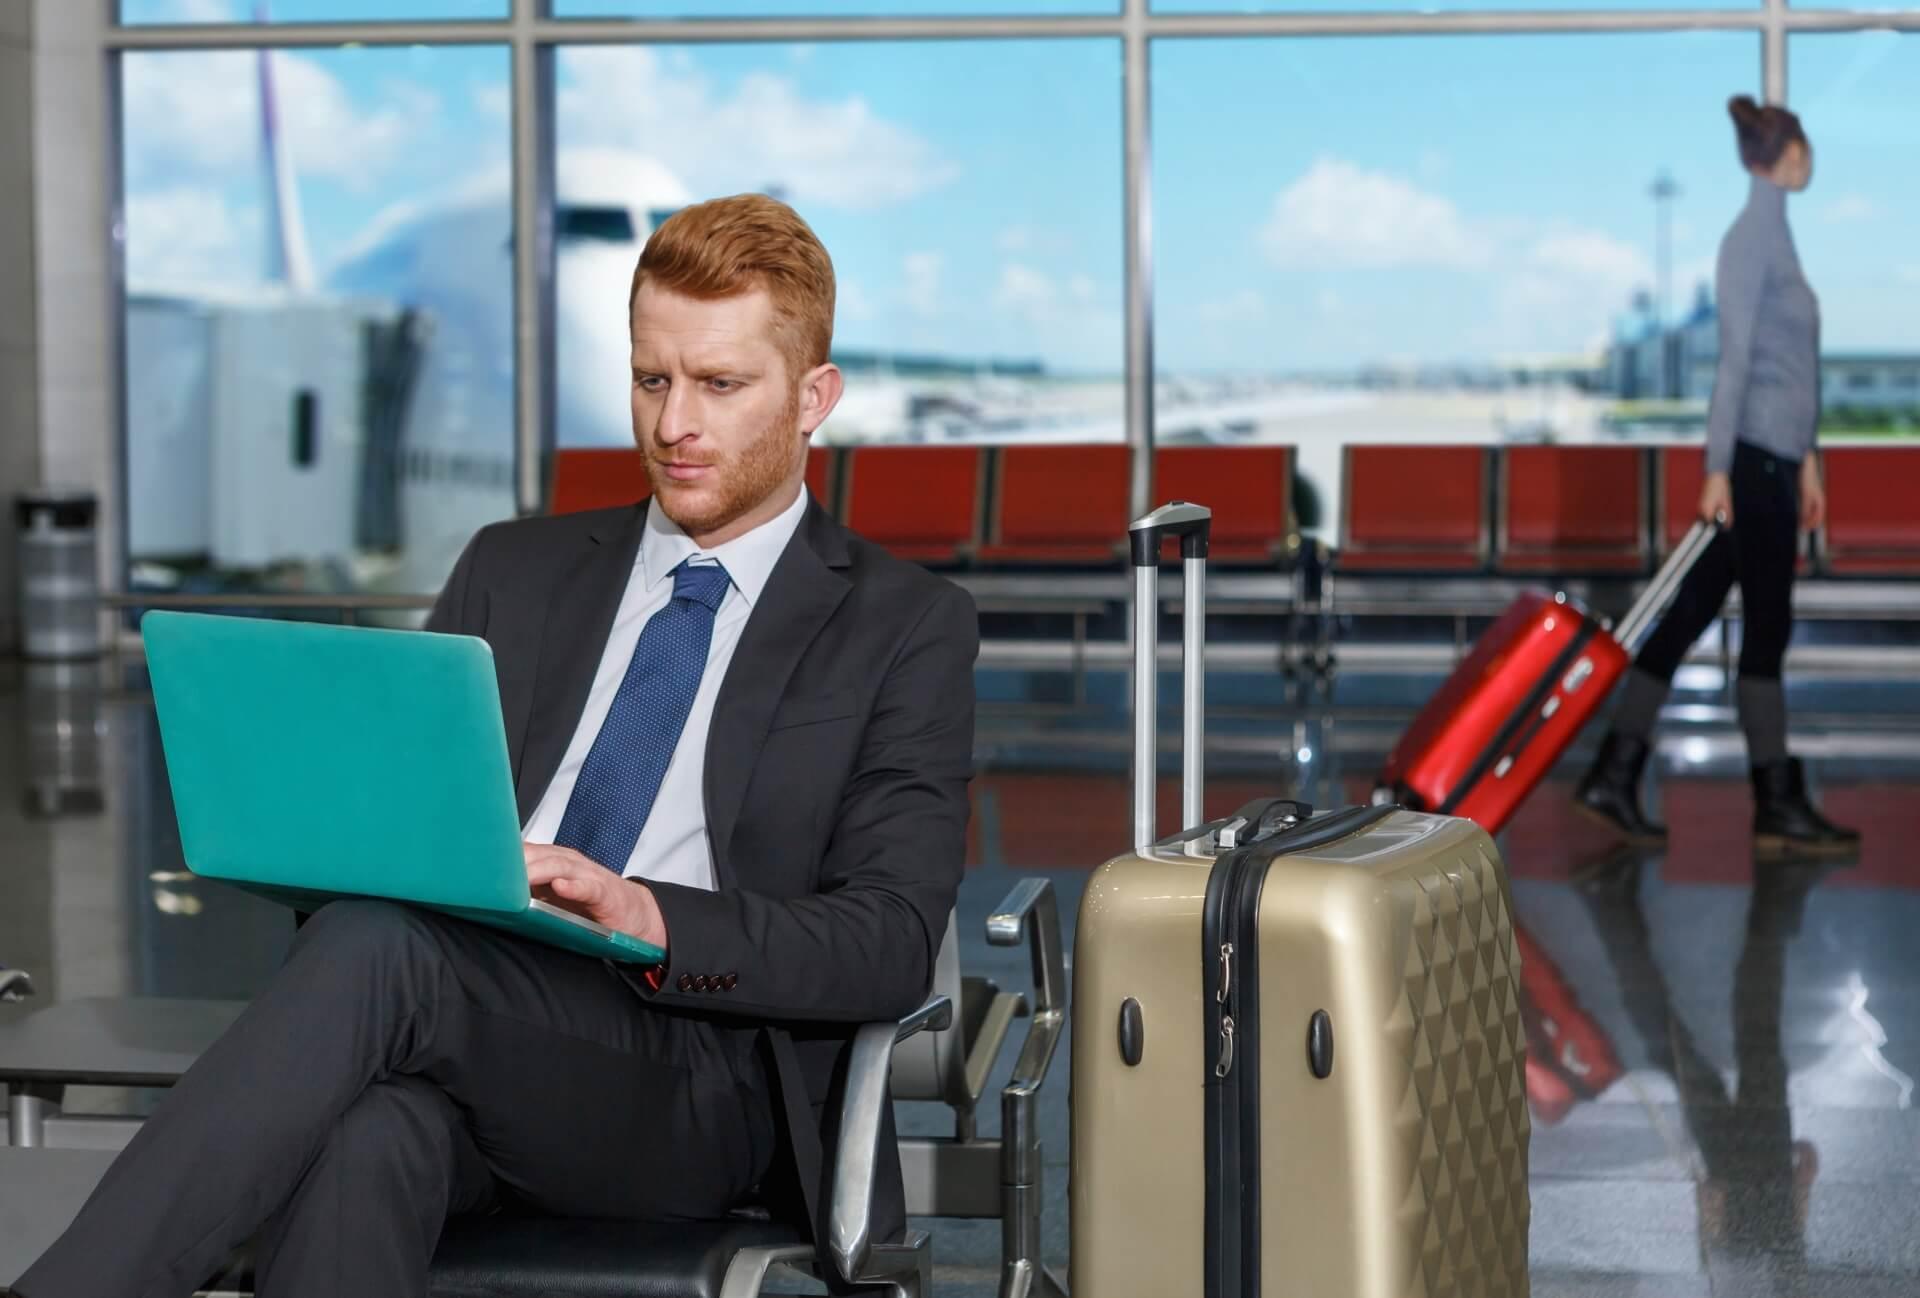 空港 ビジネスマン 出張